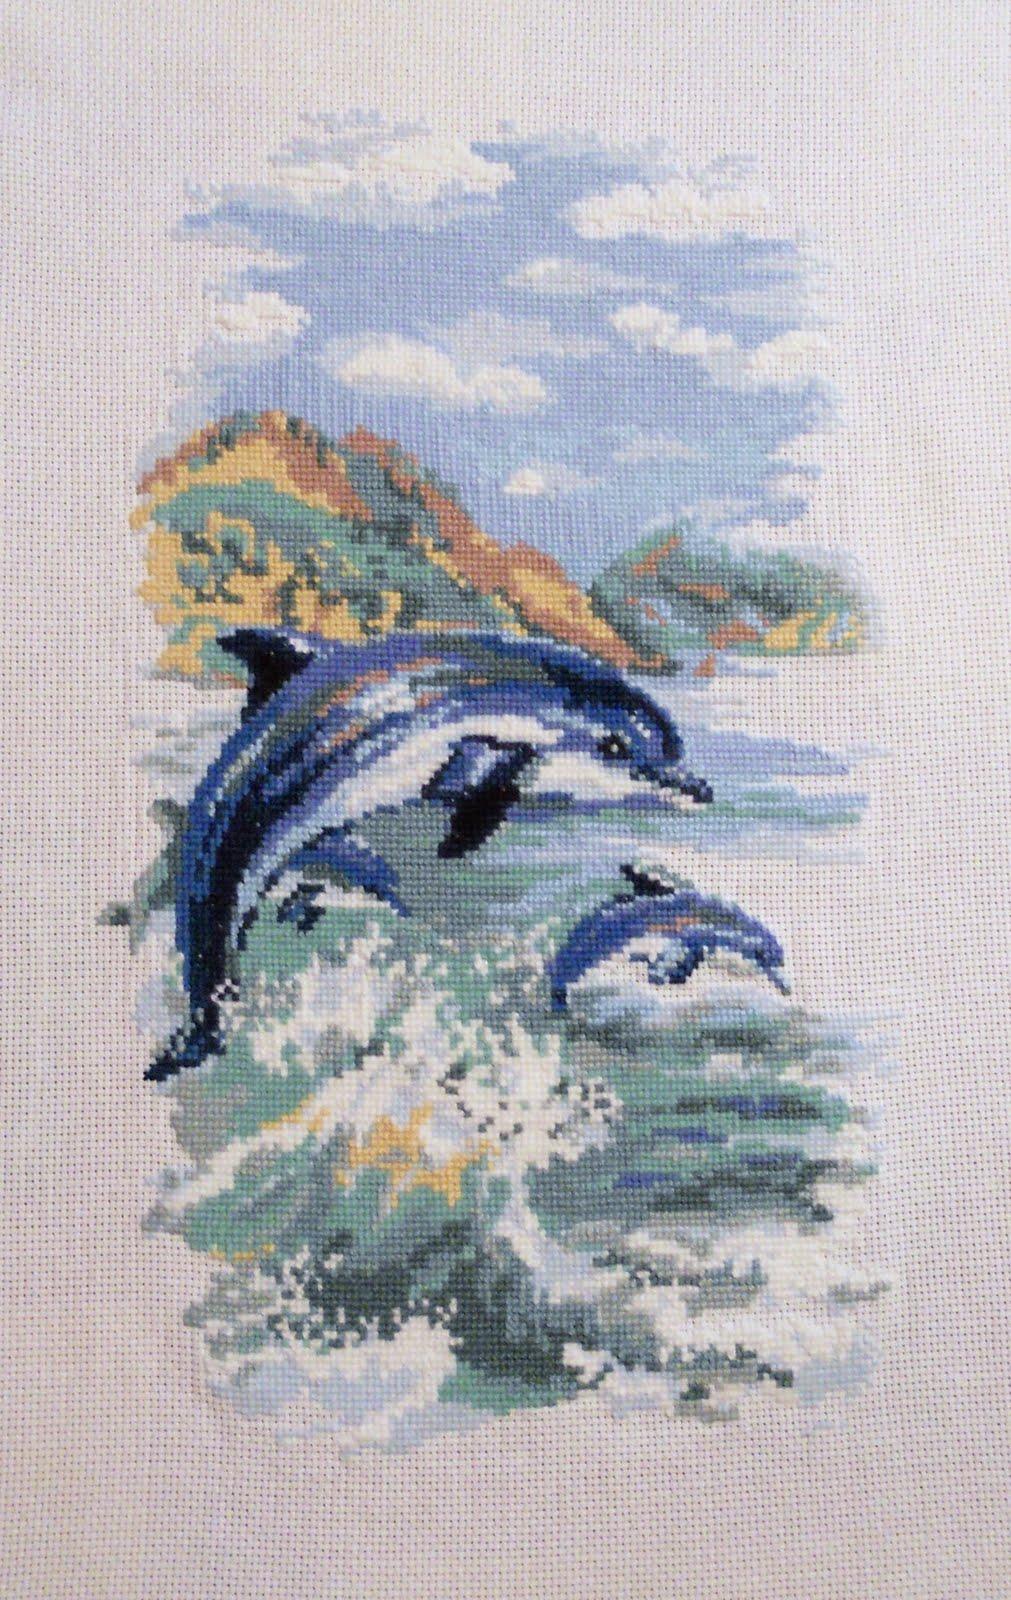 Вышивки для детей. Дельфин, рисунки для вышивки крестом 98